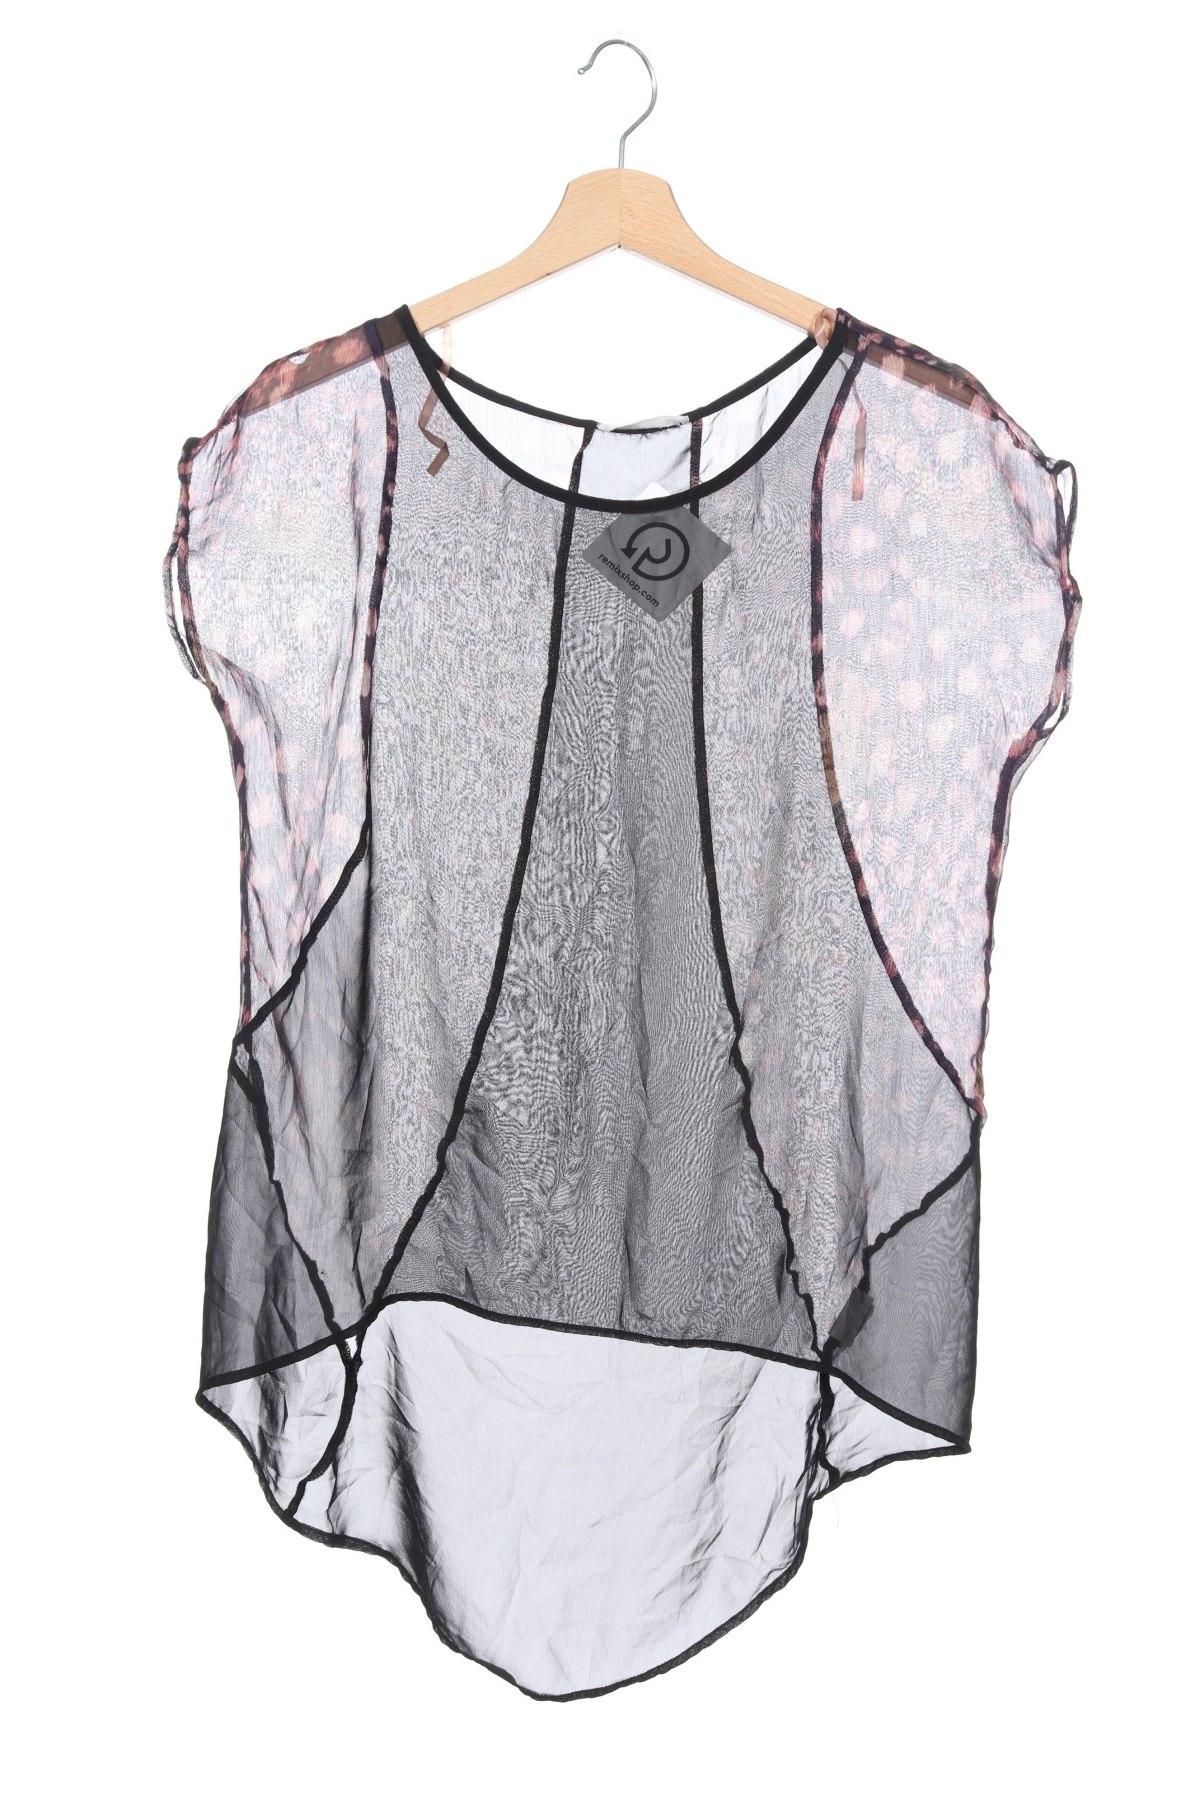 Γυναικεία μπλούζα Lush, Μέγεθος XS, Χρώμα Μαύρο, Πολυεστέρας, Τιμή 2,81€